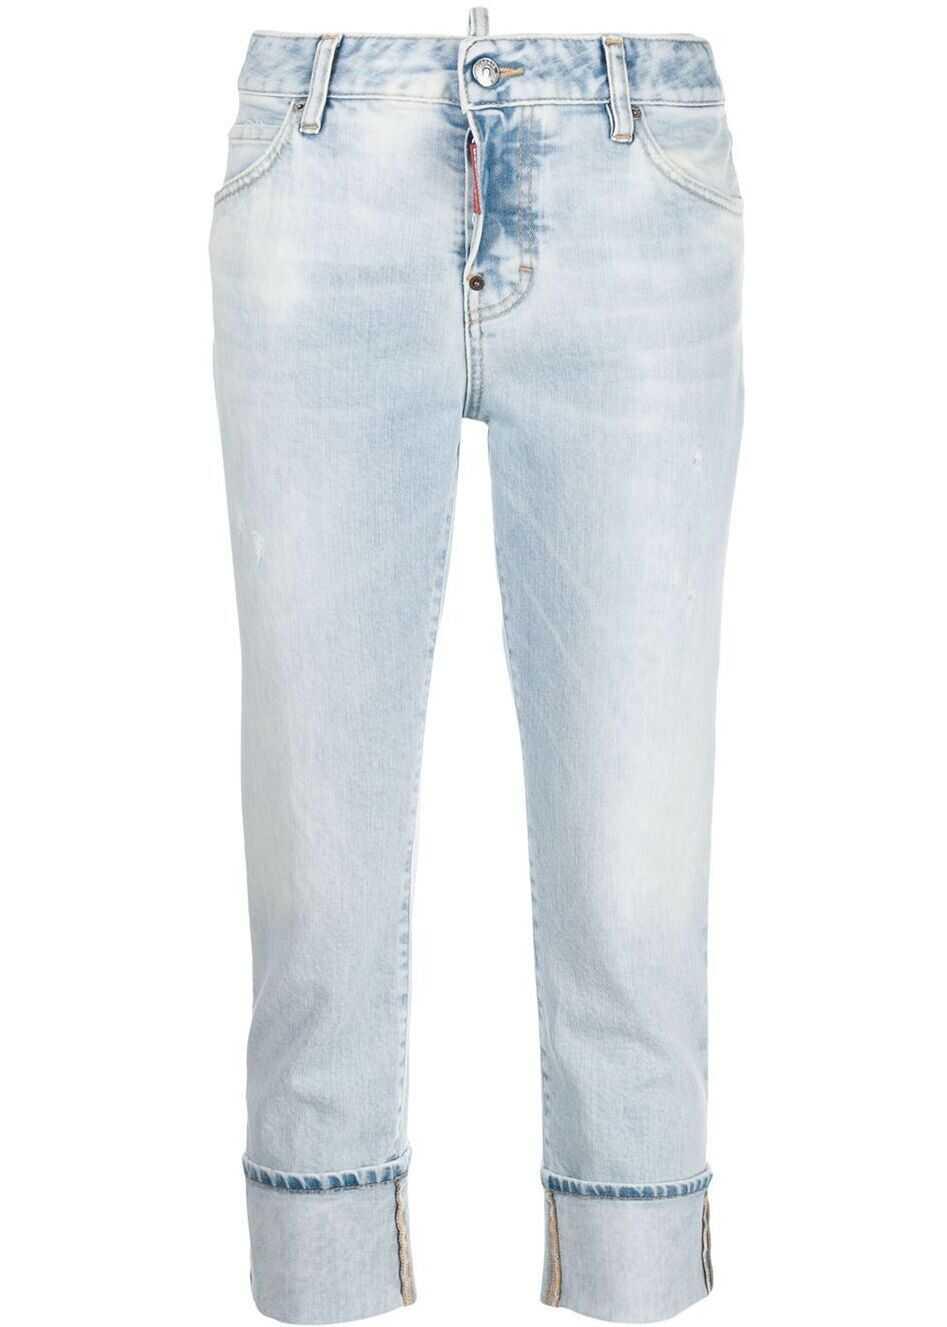 DSQUARED2 Cotton Jeans LIGHT BLUE